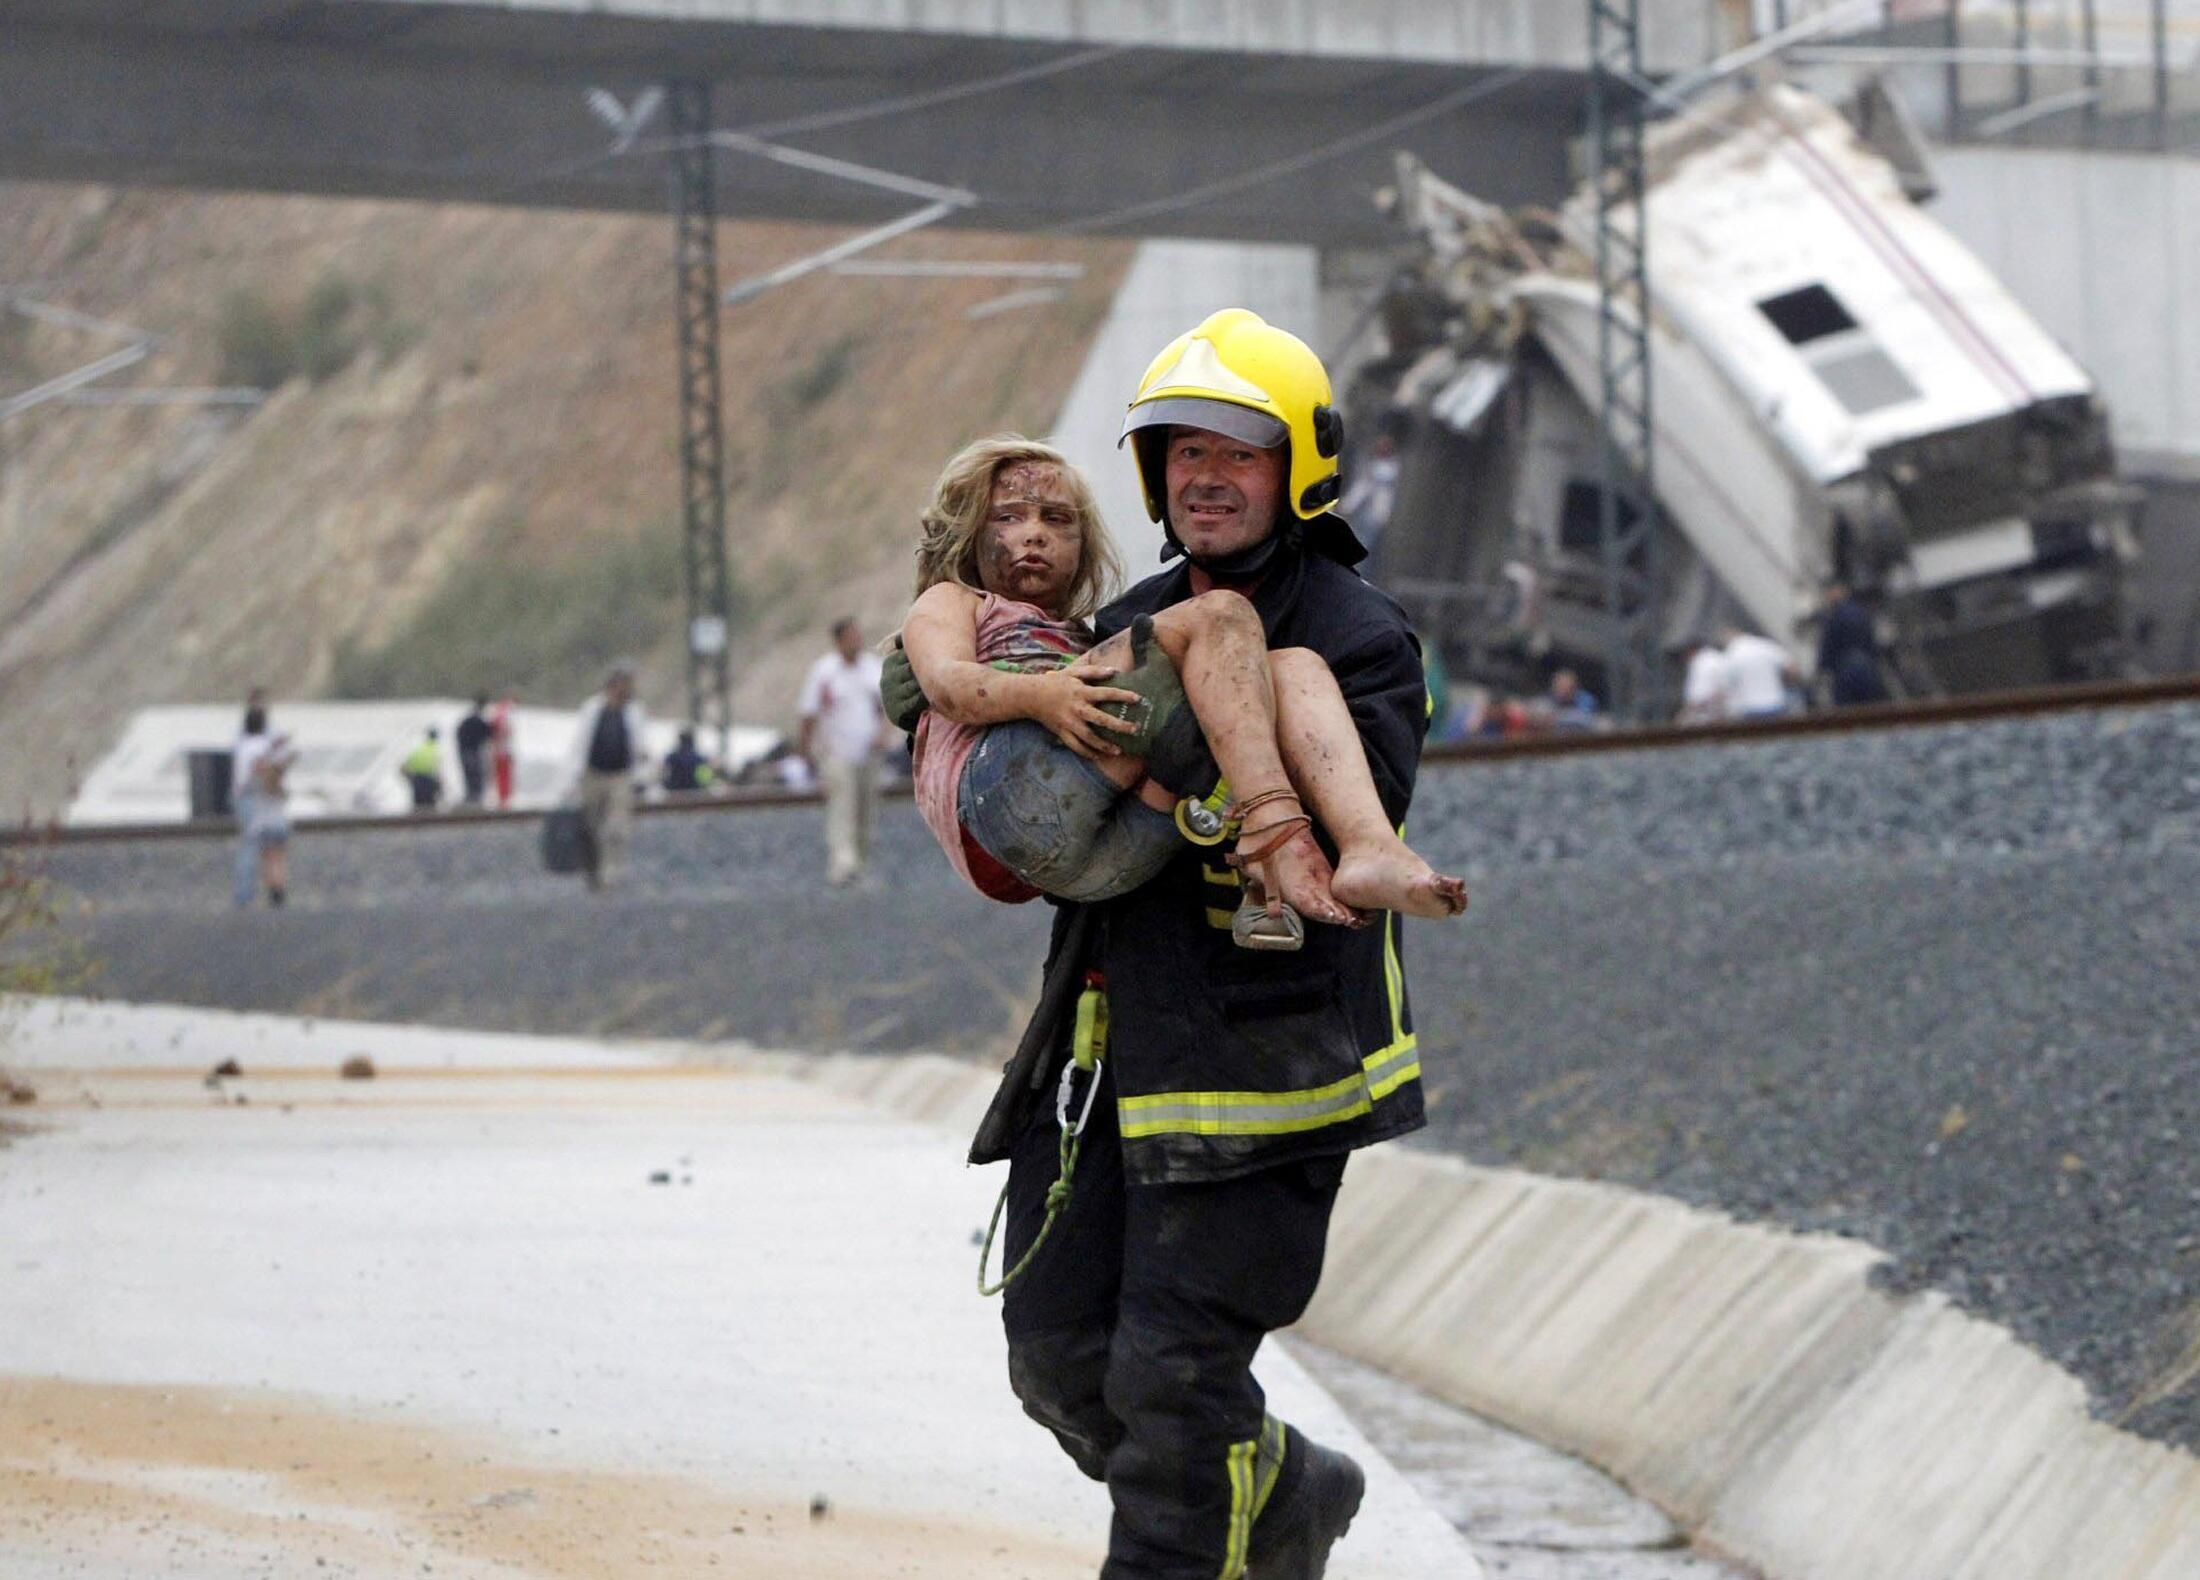 Bombeiro carrega vítima do acidente de trem em Santiago de Compostela, na Espanha, no dia 24 de julho de 2013.